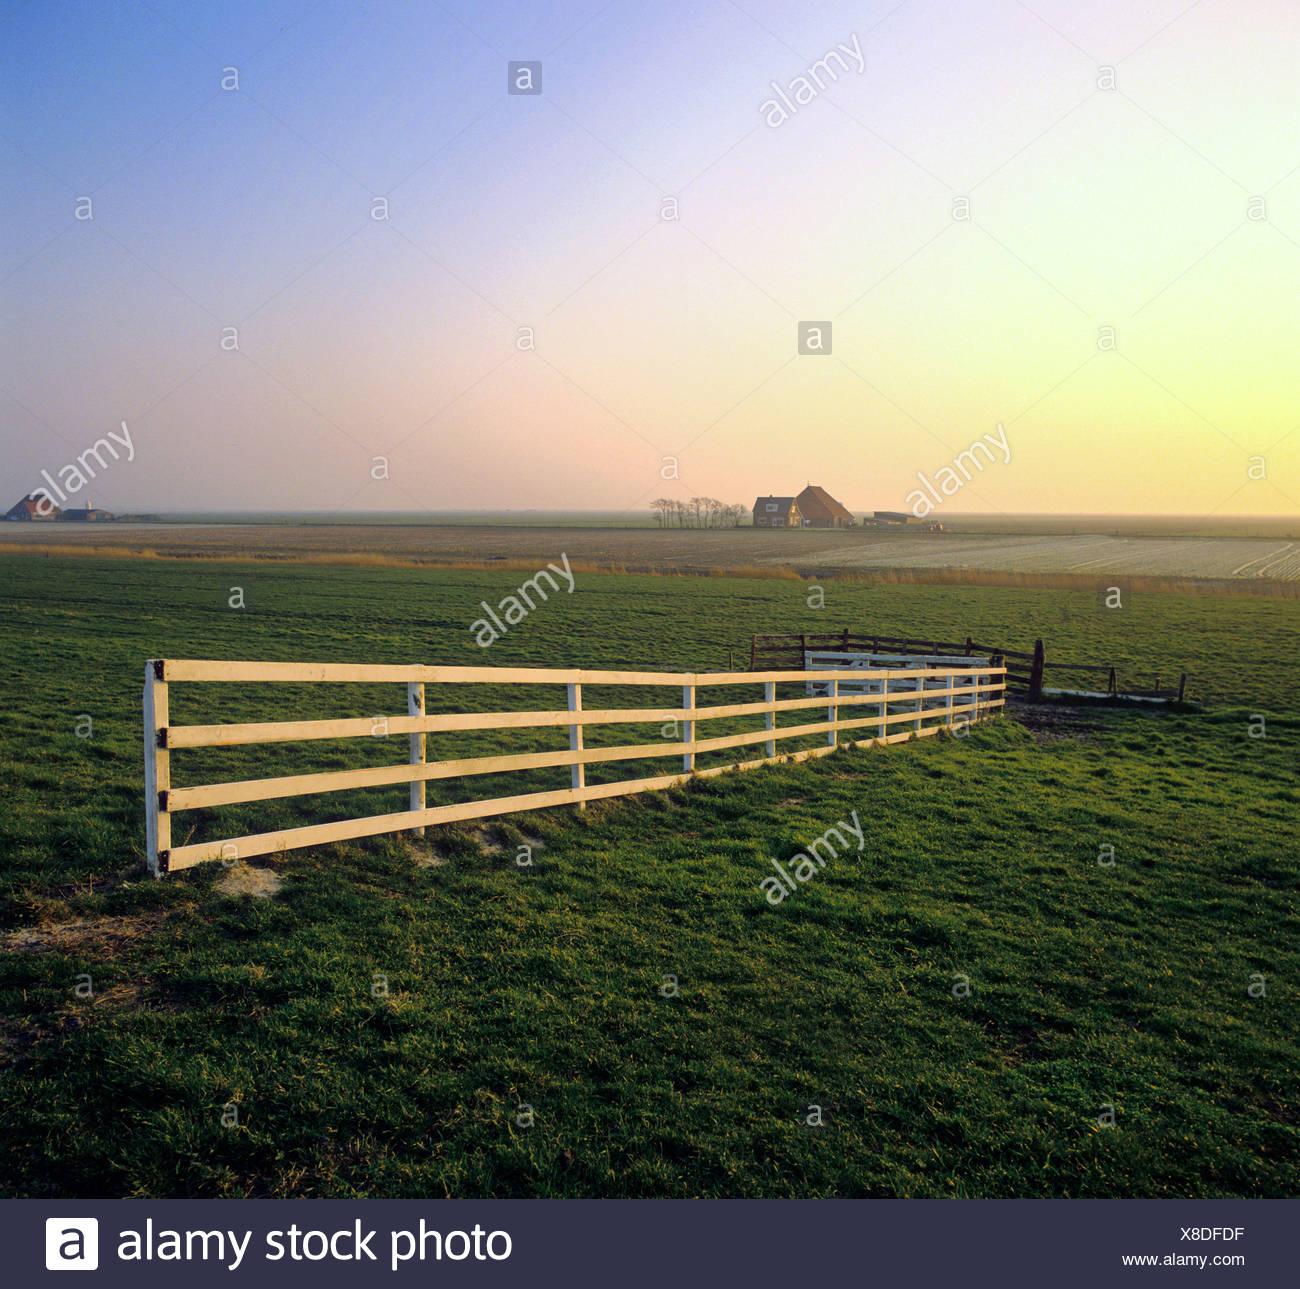 Entzuckend Niederlande, Holland, Europa, Friesland, Zaun, Landschaft, Bauernhof  Stockbild